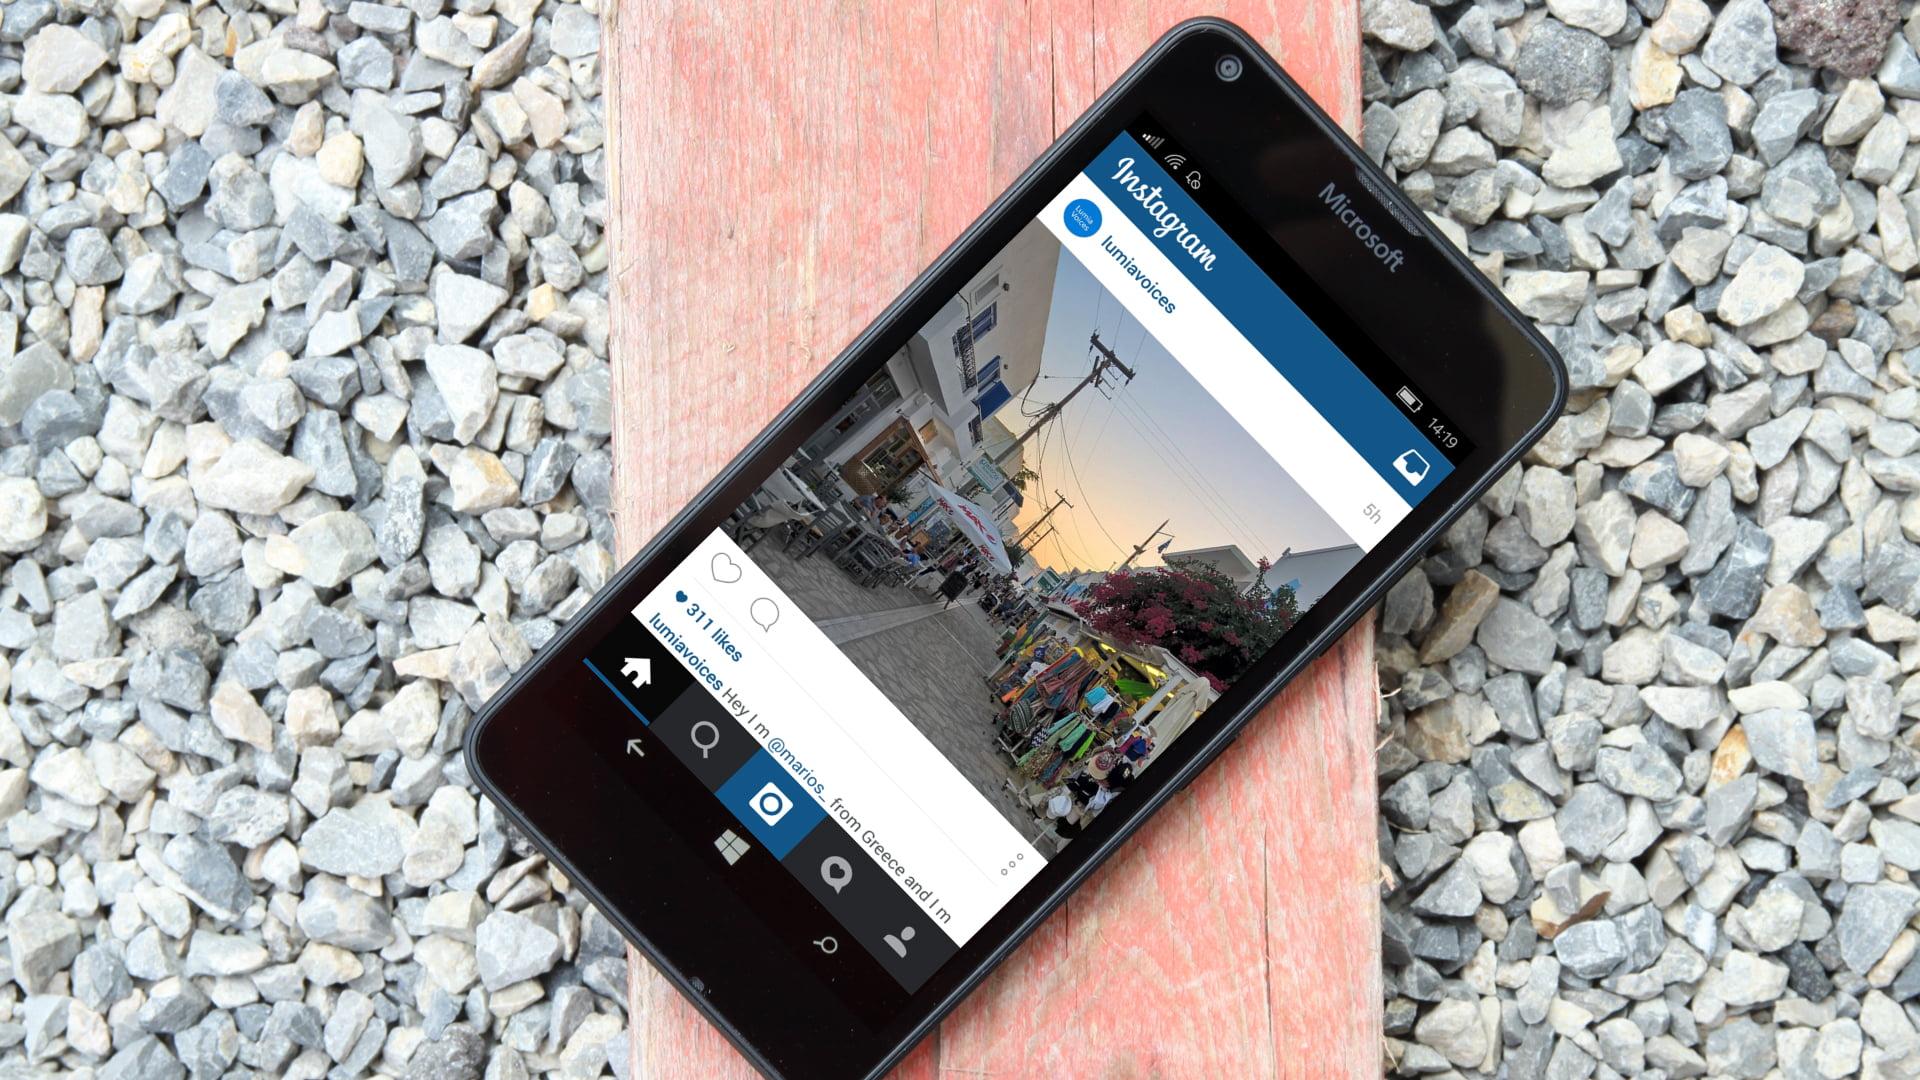 Instagram de Android corriendo en Windows 10 Mobile